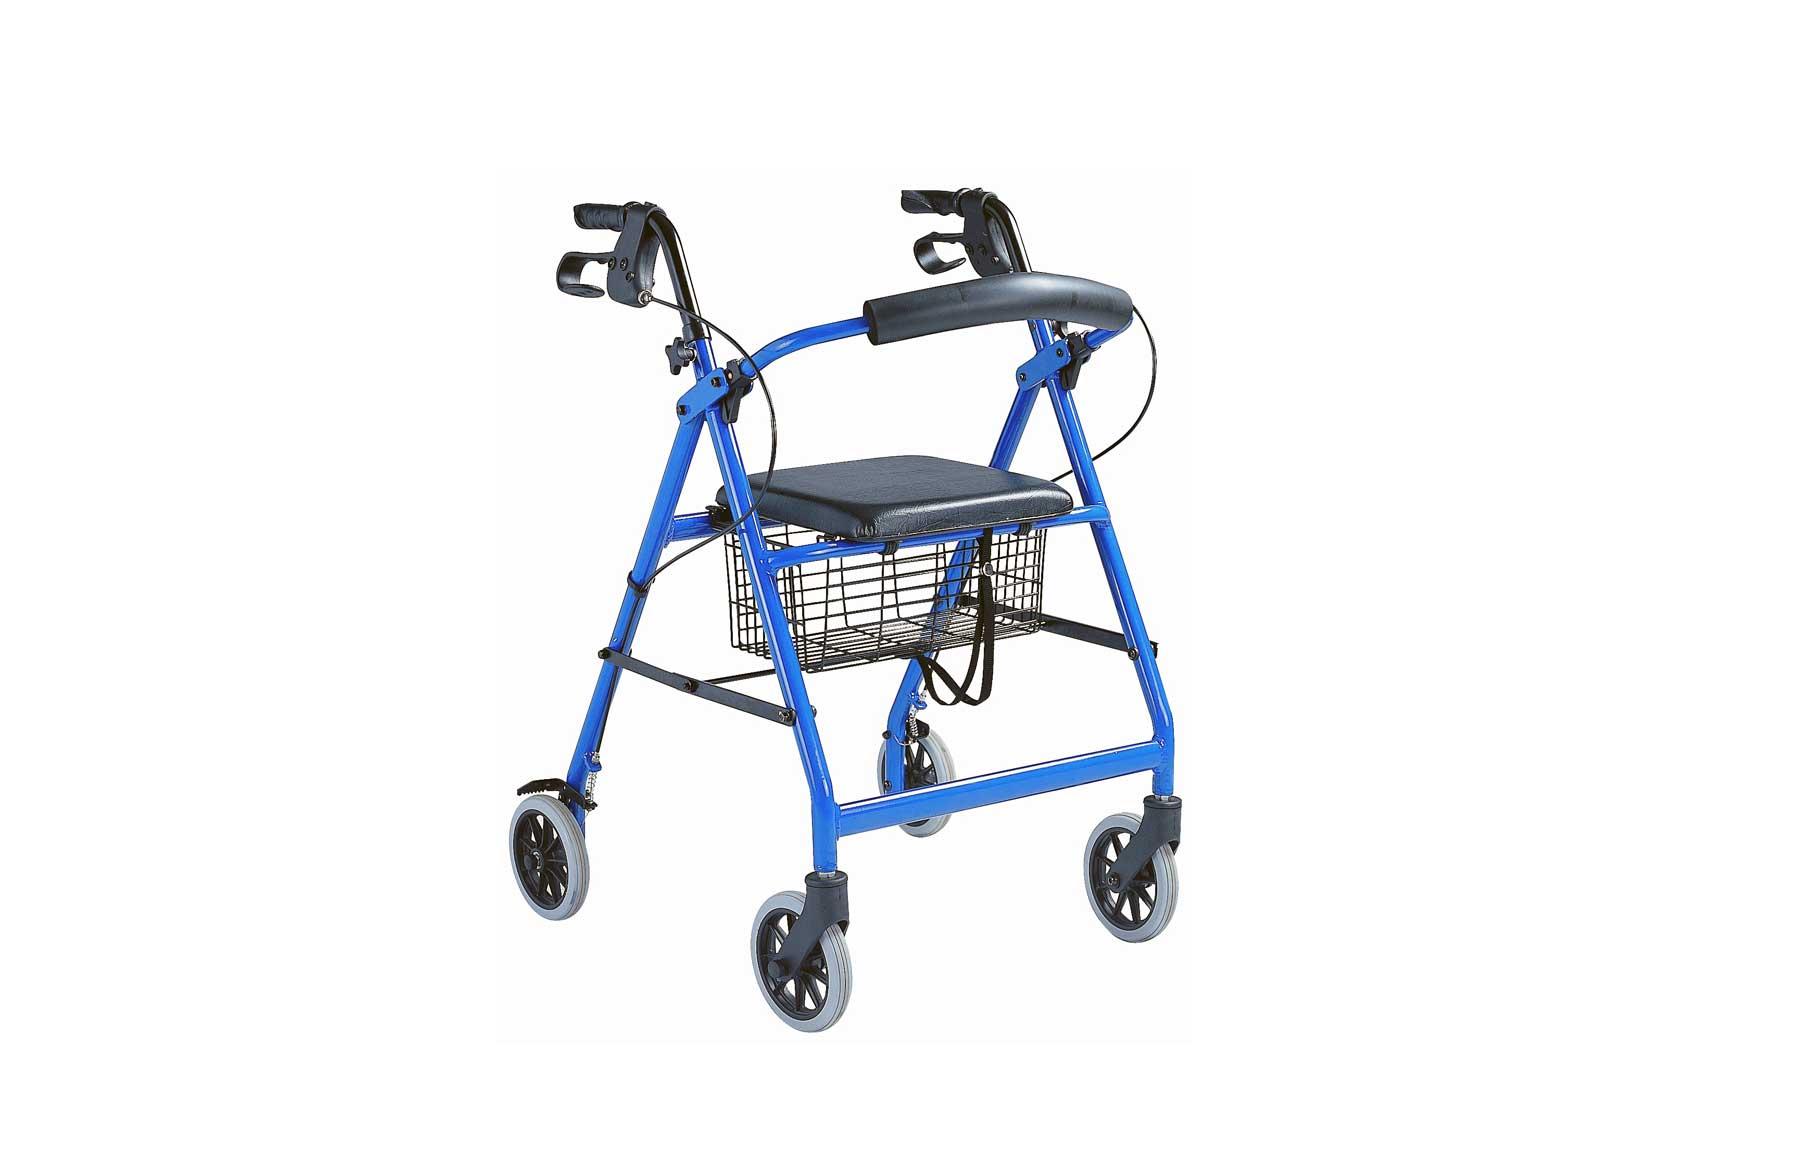 Andarilho com estrutura azul, e assento preto, visto de perfil